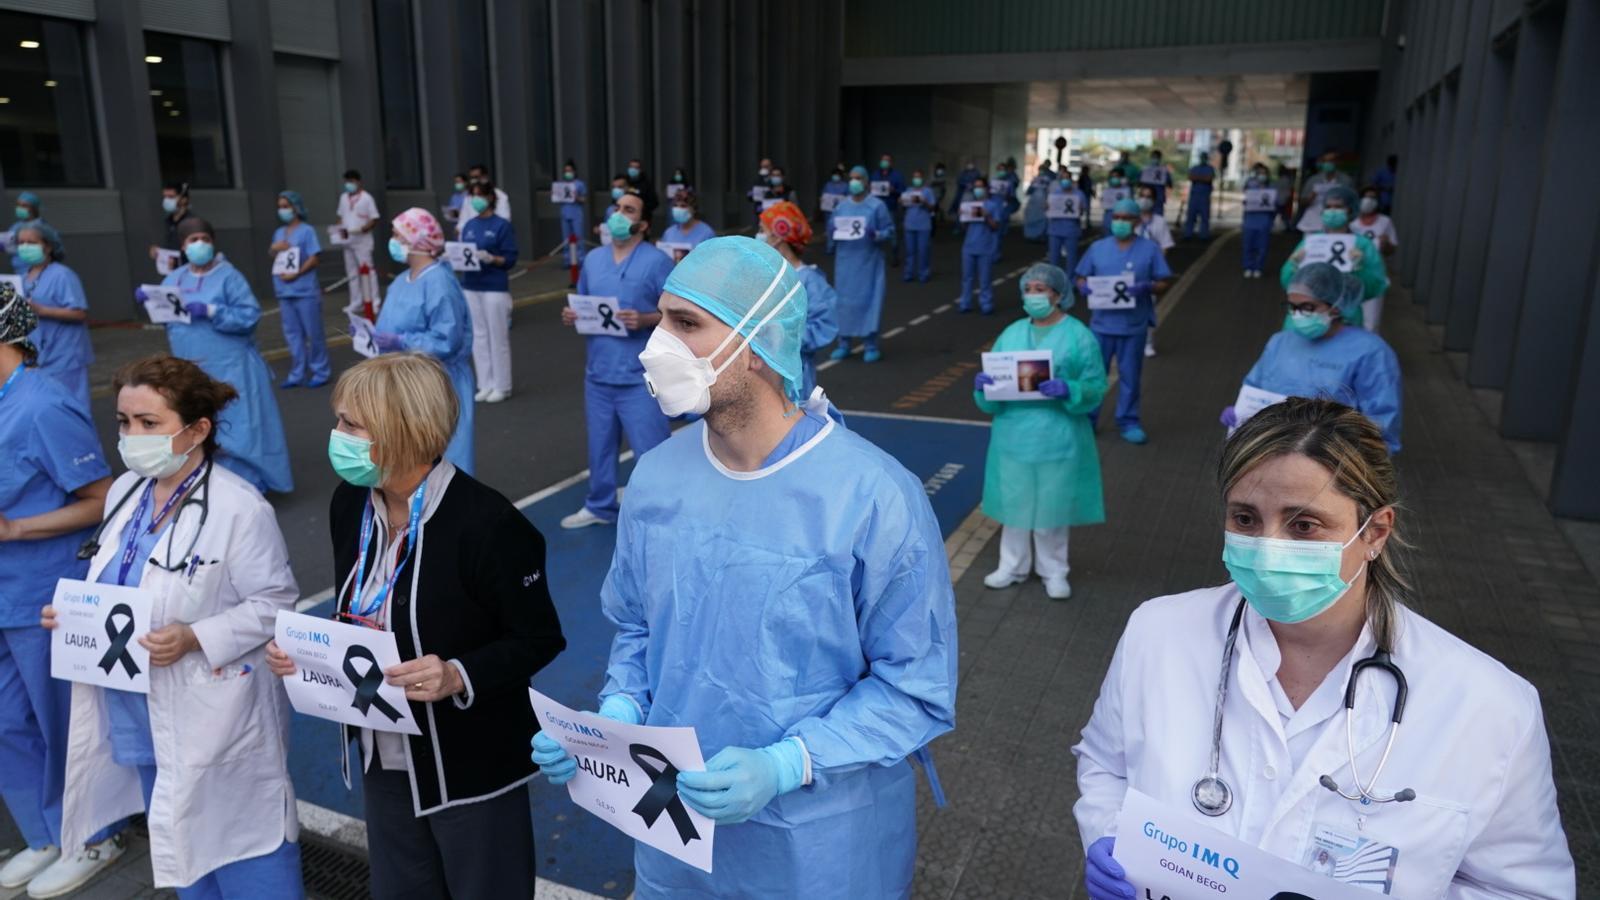 Continua la tendència a la baixa de morts per coronavirus a l'Estat: 674 en 24h, 135 menys que ahir